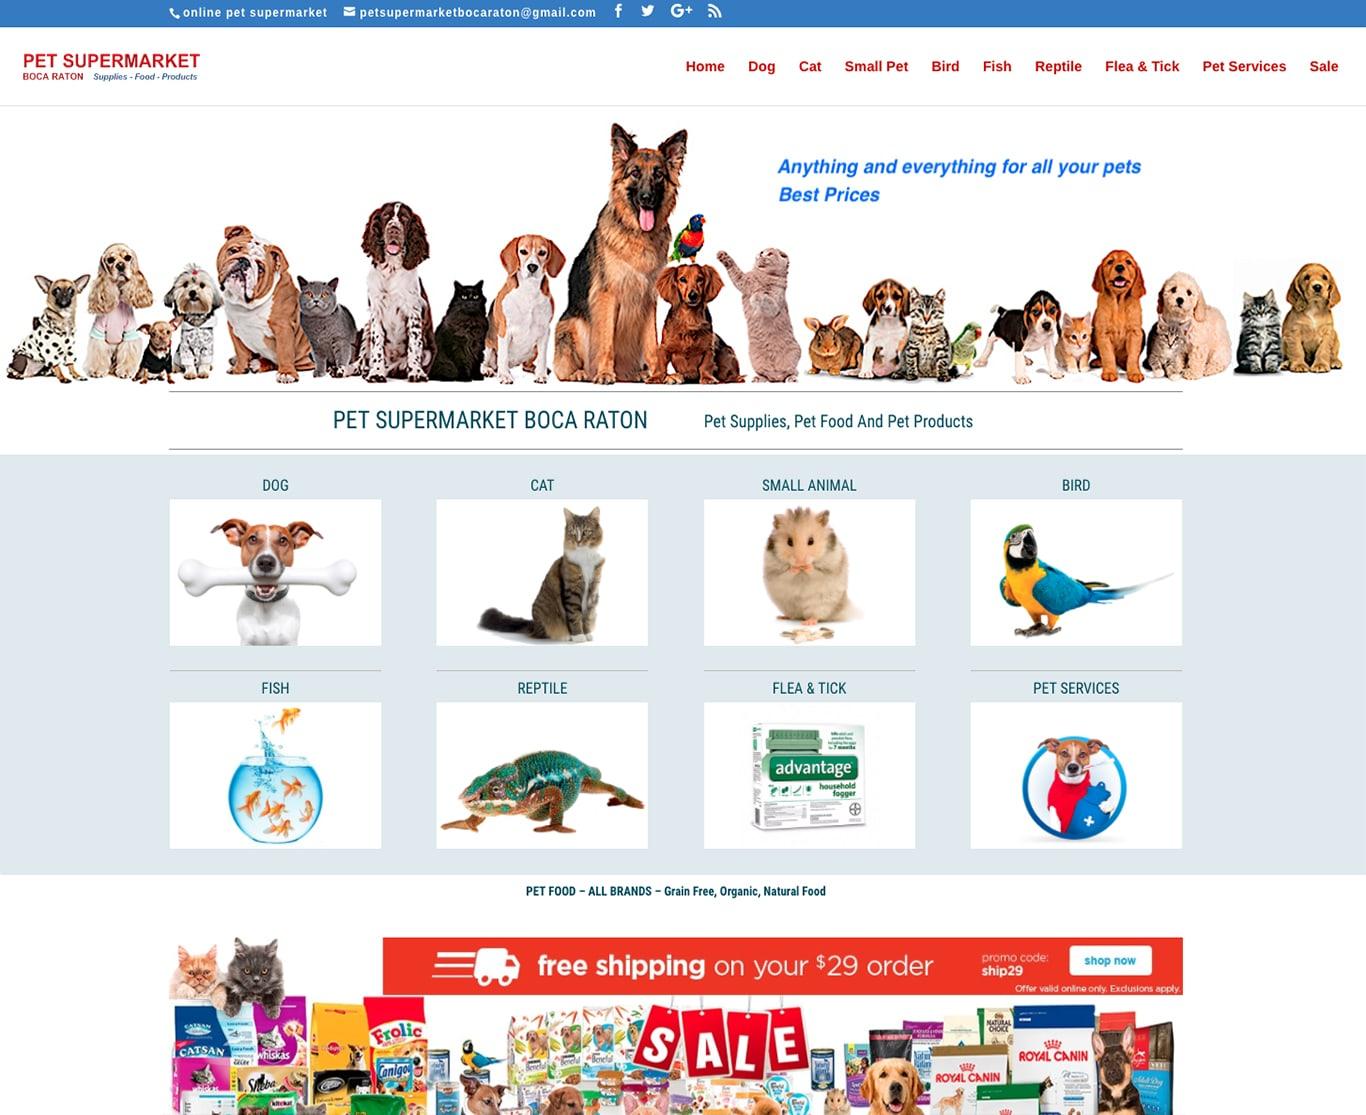 SEO продвижение сайтов в США-portfolio-seo-services-seotoptop.com-pet